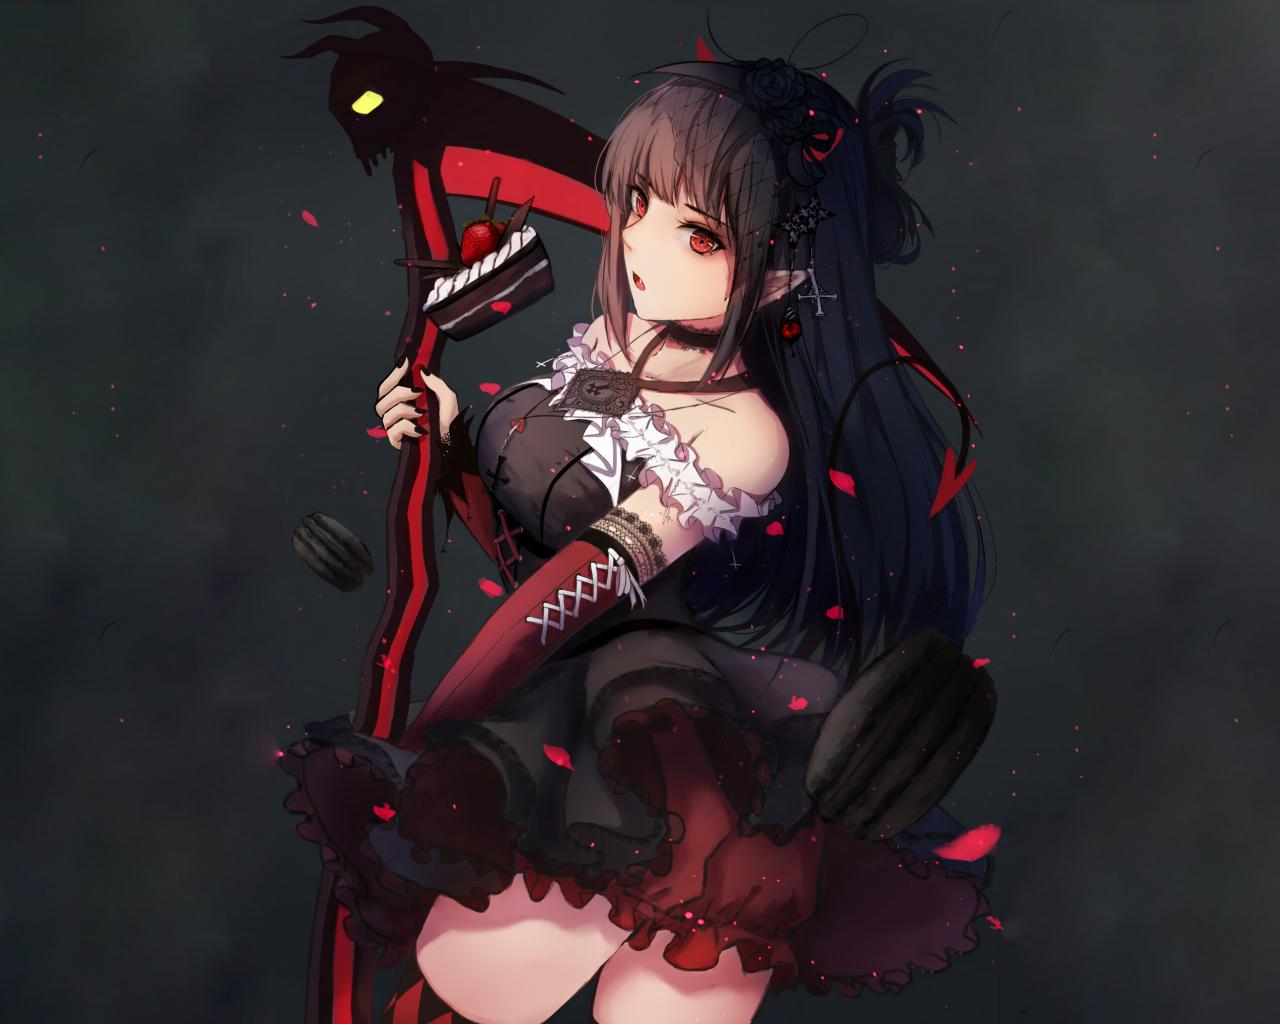 Dark anime girl ruby rose 1280x1024 wallpaper